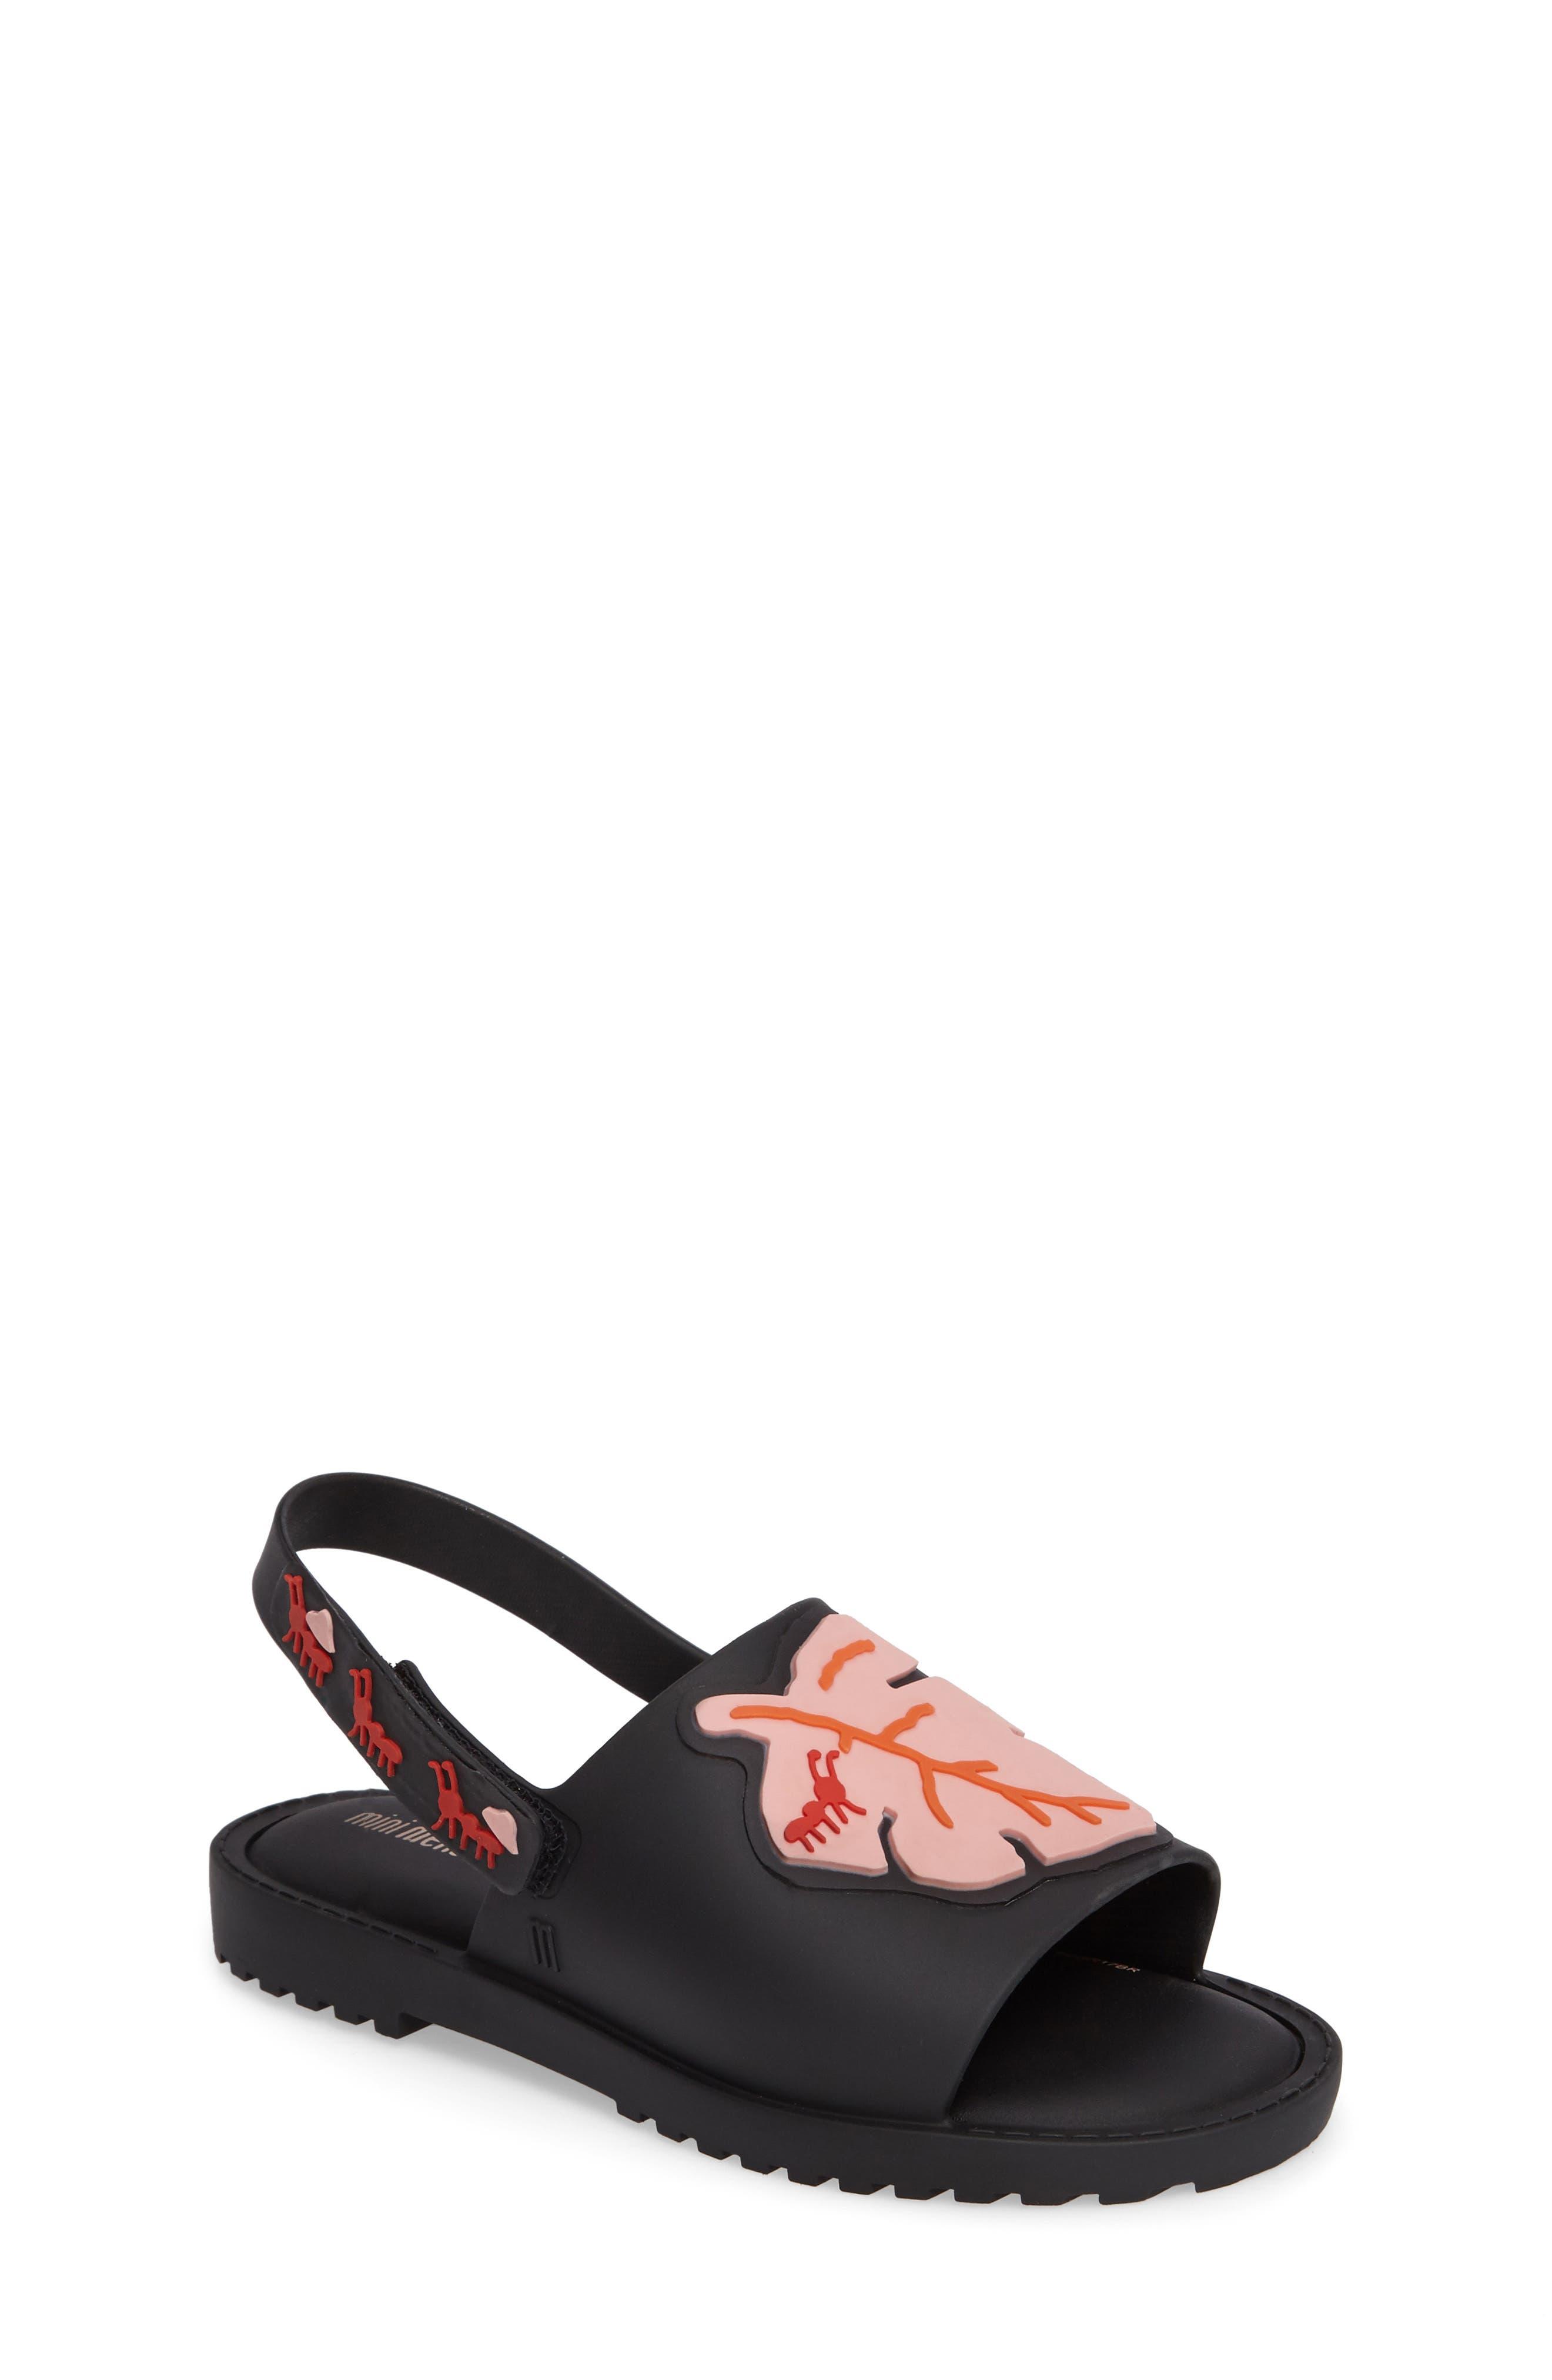 Mia Fabula Sandal,                         Main,                         color, 001